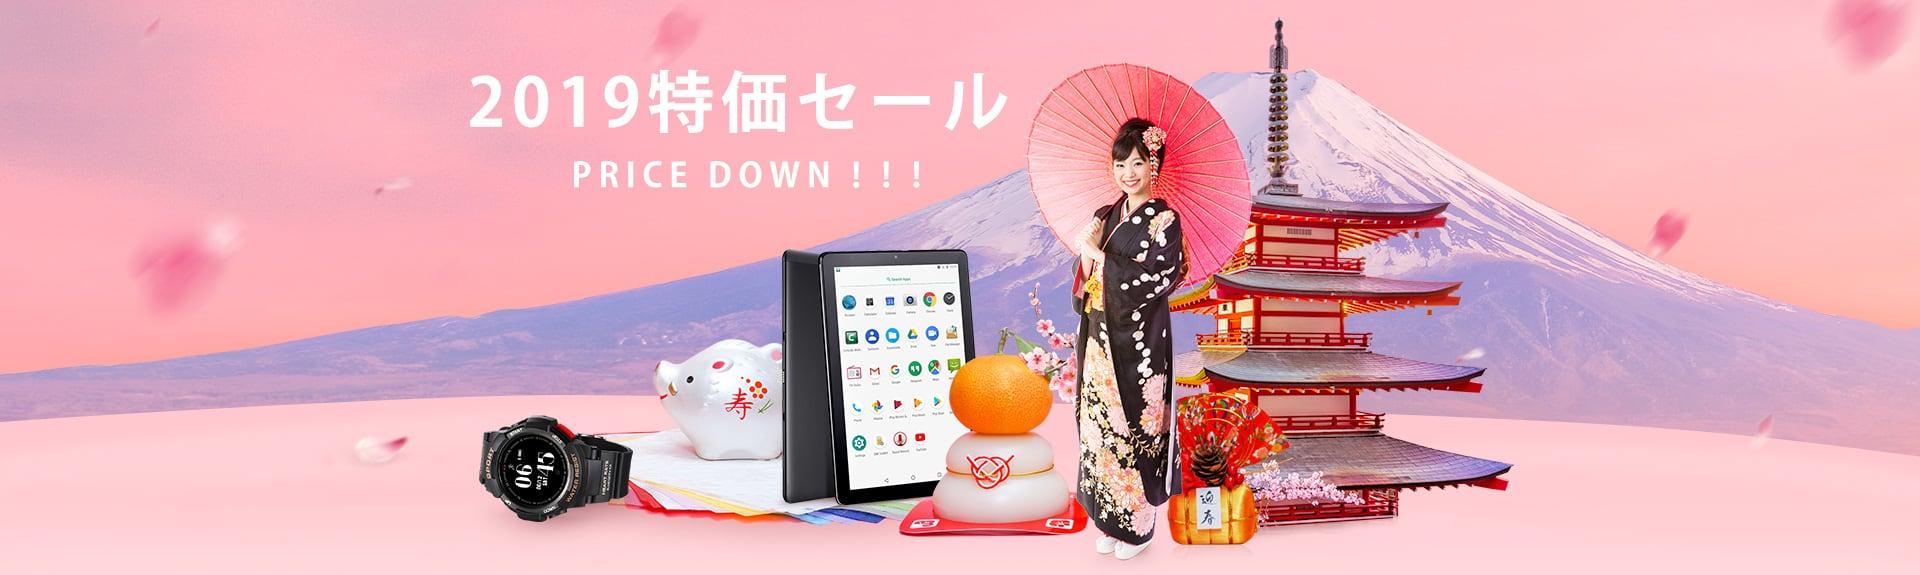 GearBest 春節特価セール!